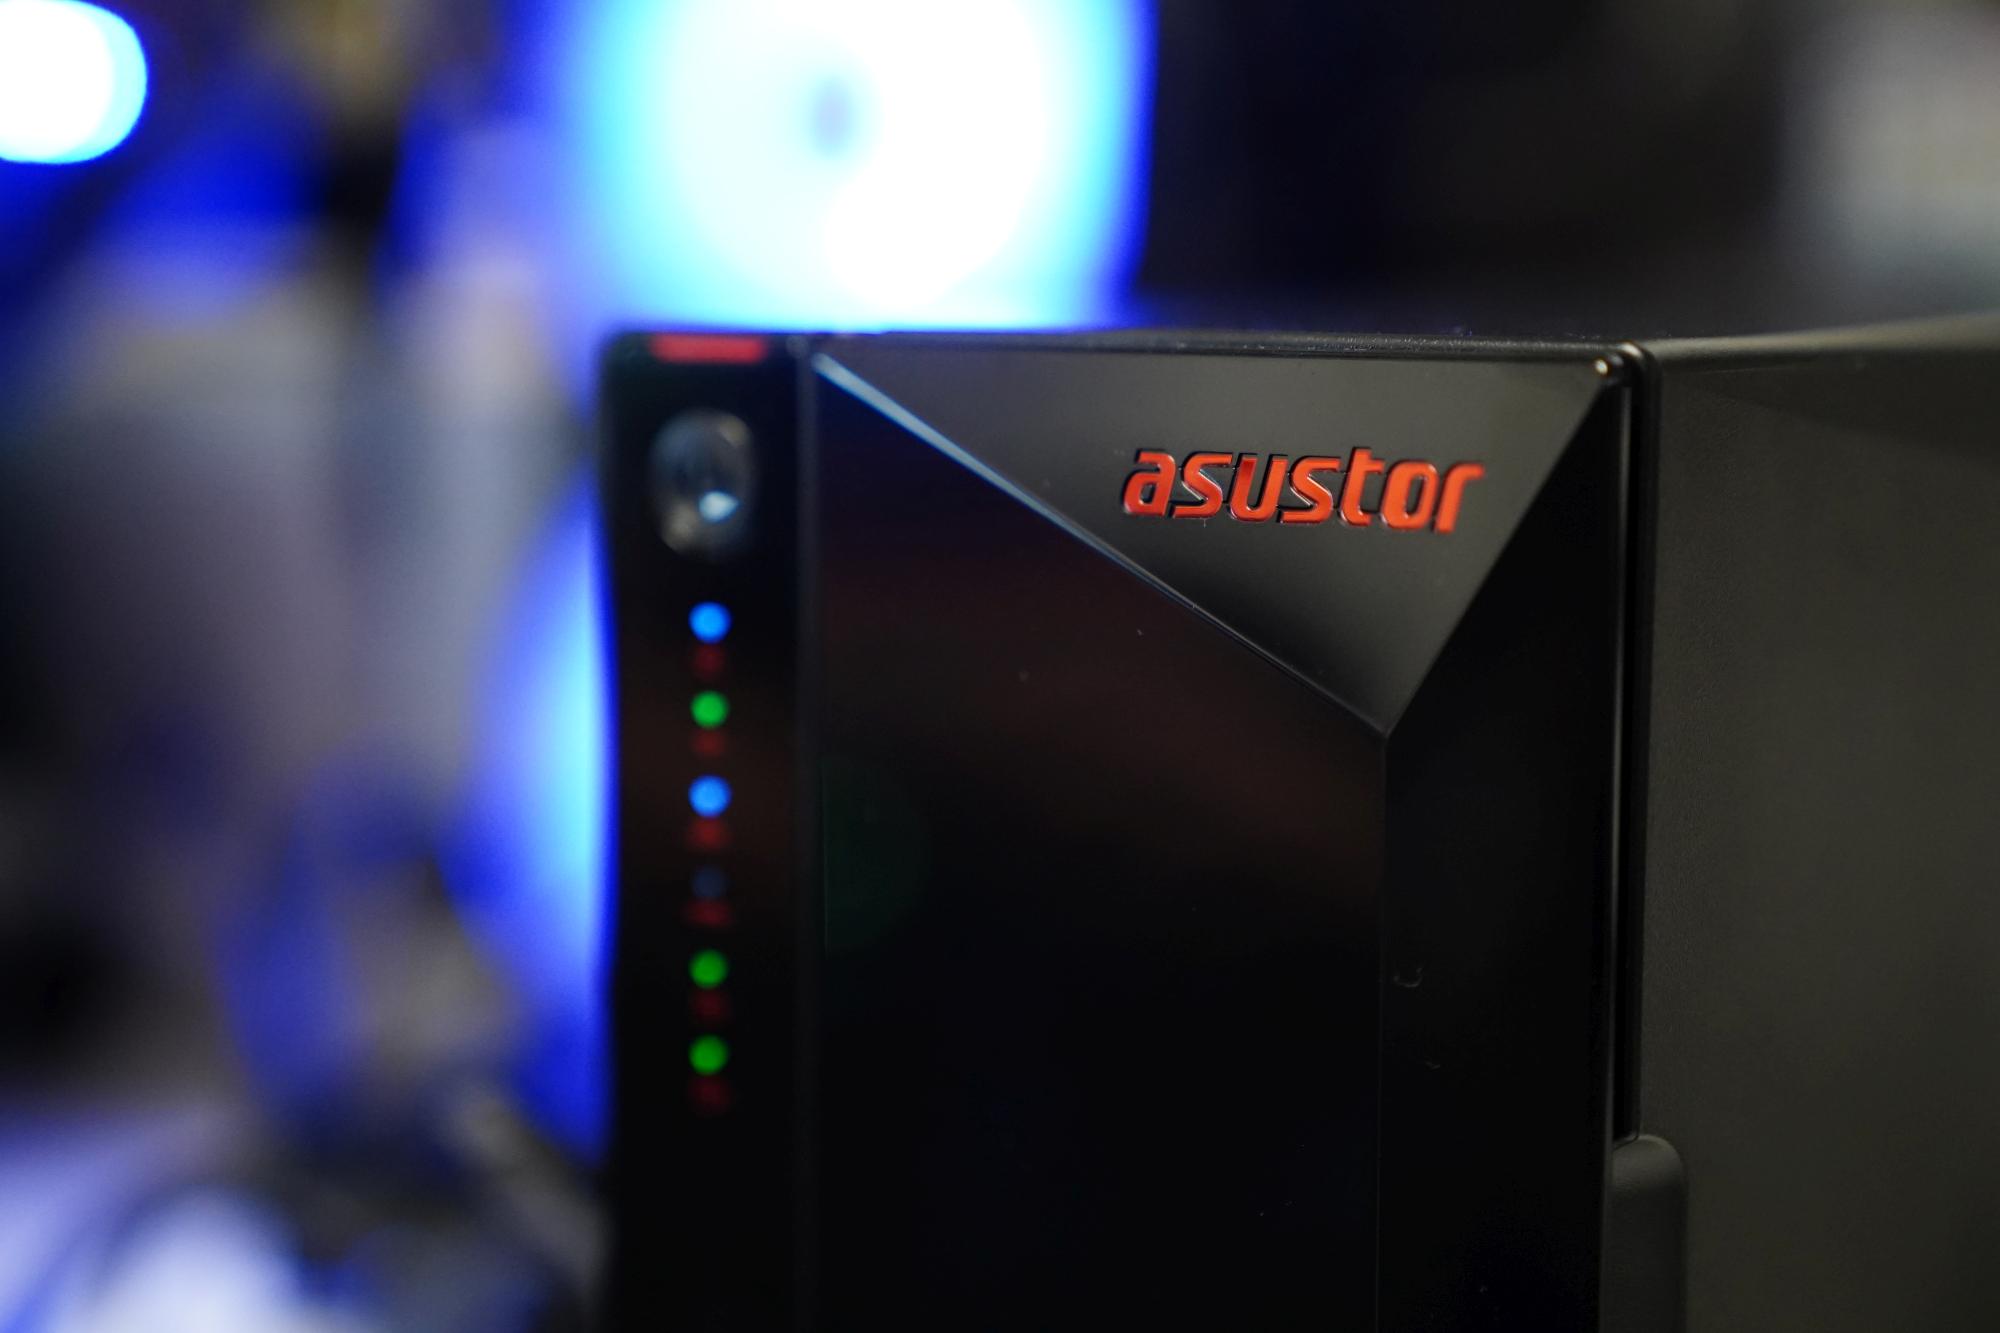 Recenzja Asustor AS5202T Nimbustor 2. Świetny NAS do użytku domowego i firmowego 25